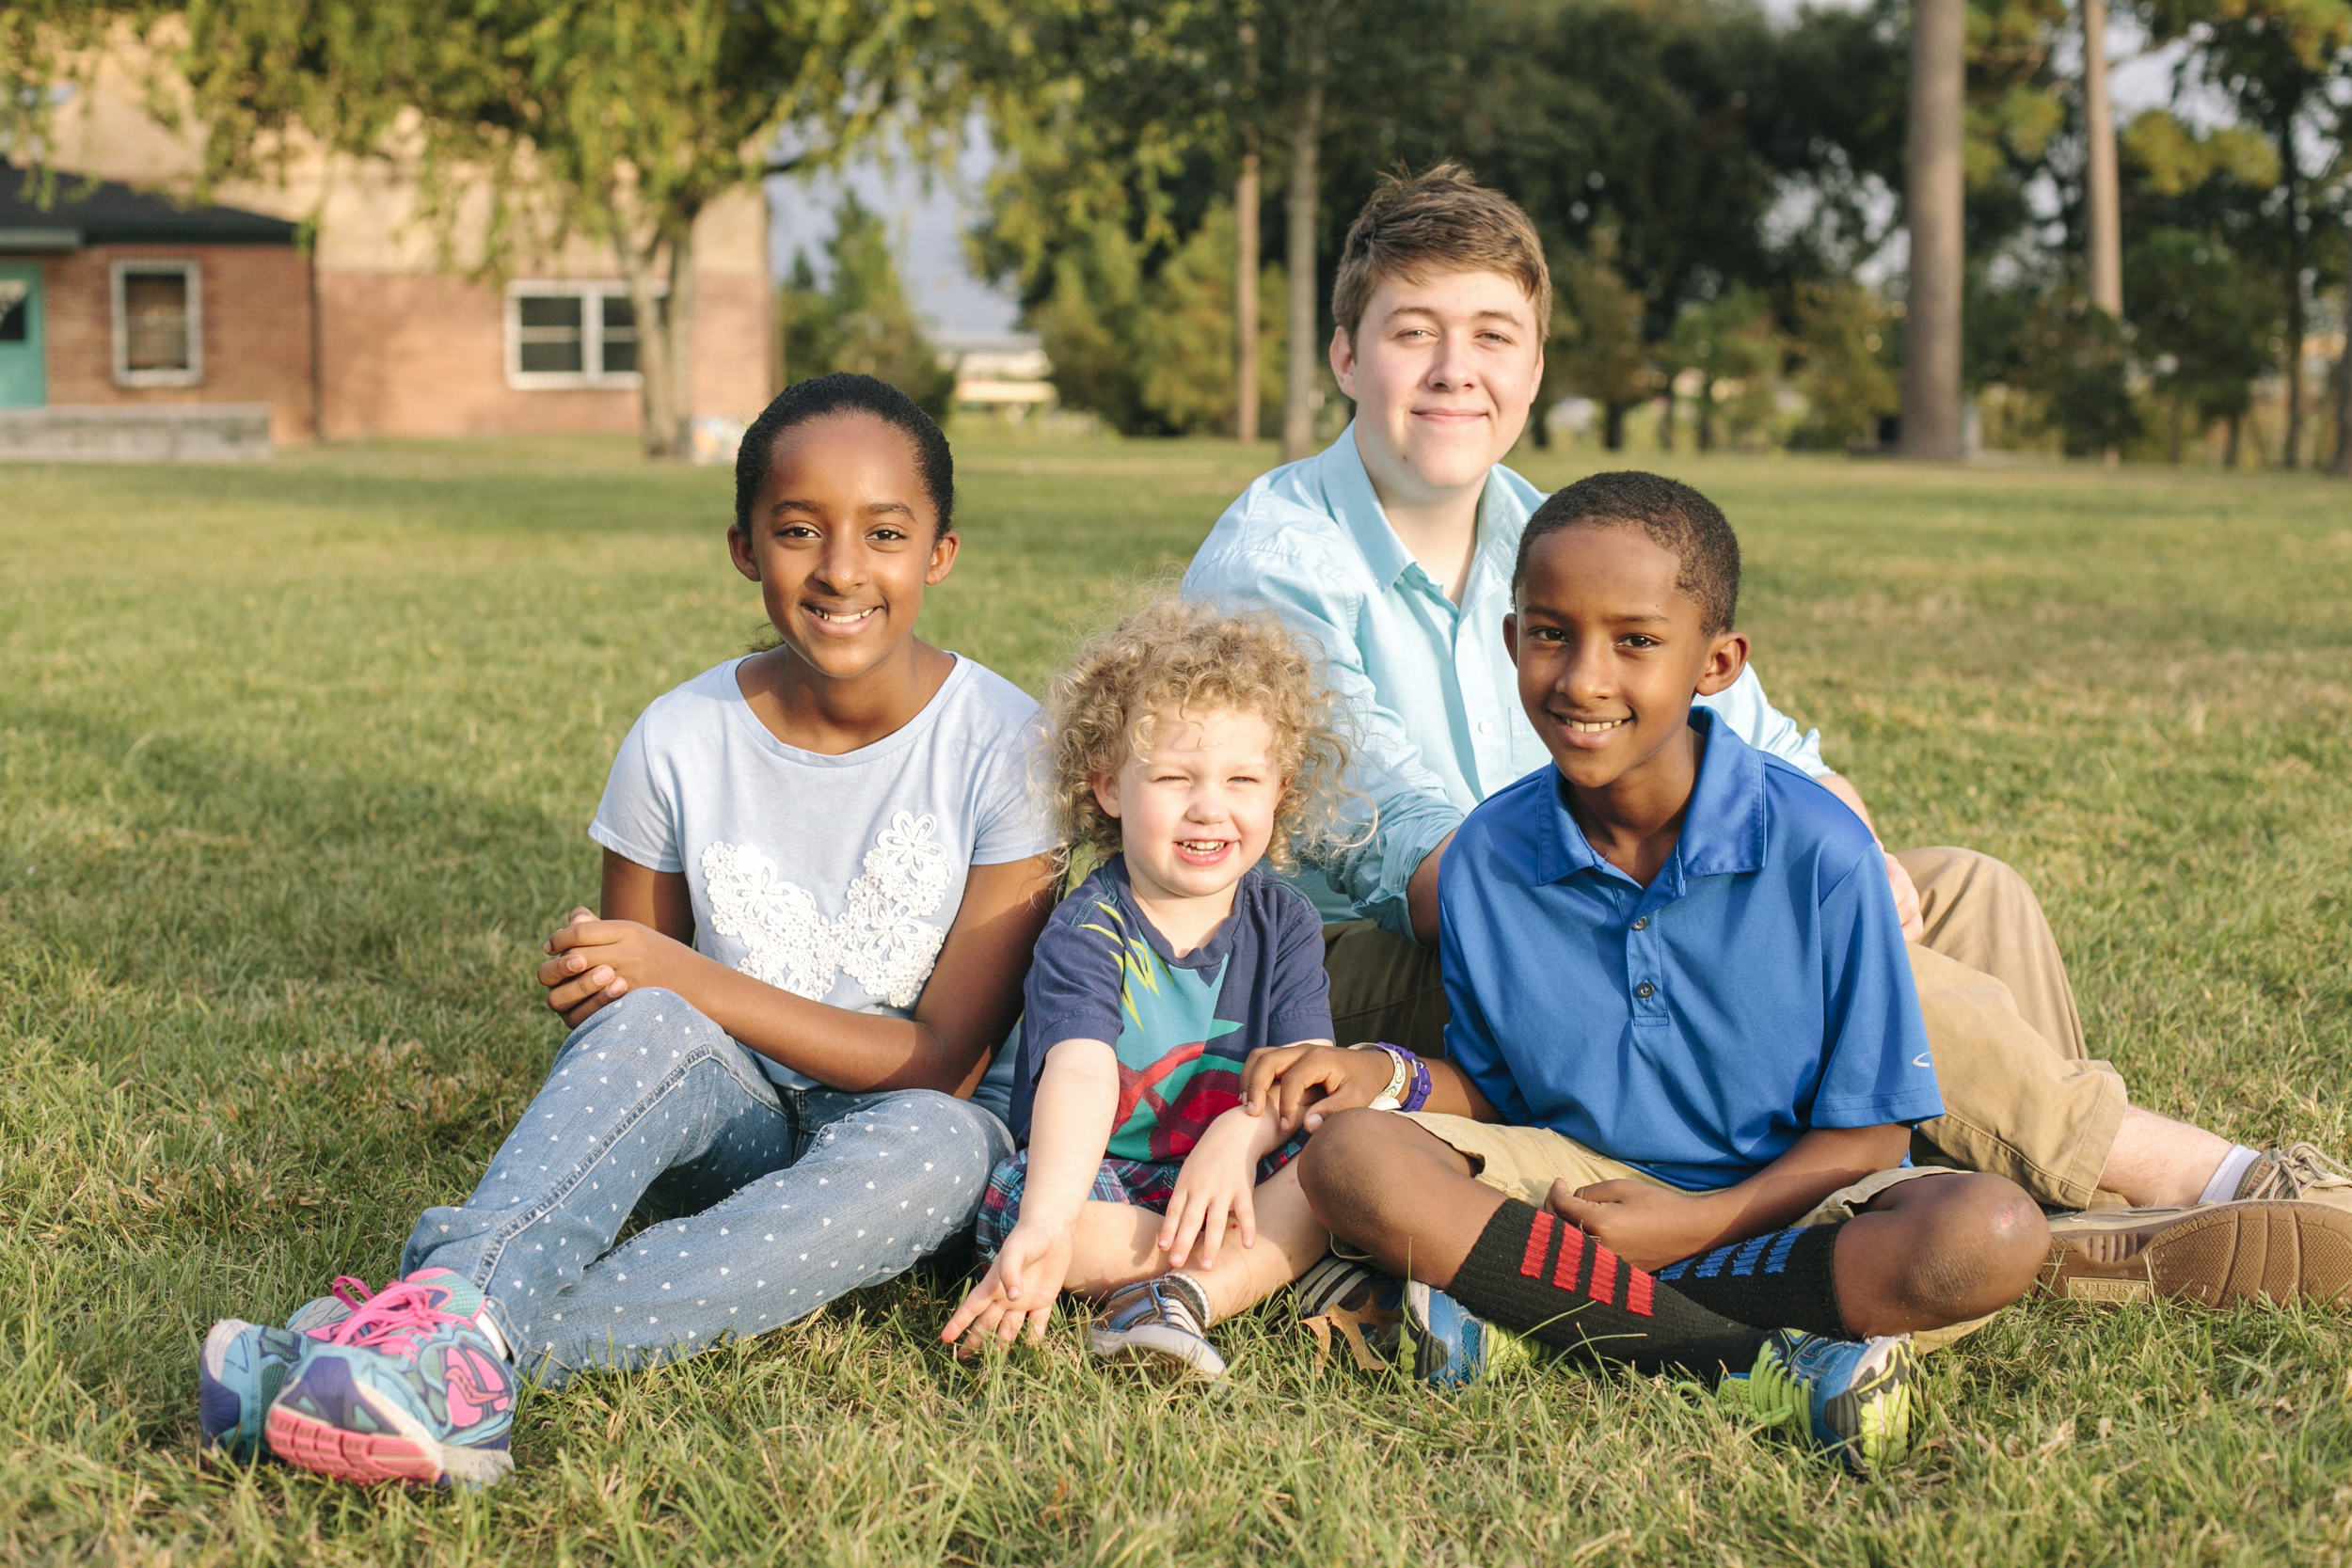 bartlettfamily033.jpg